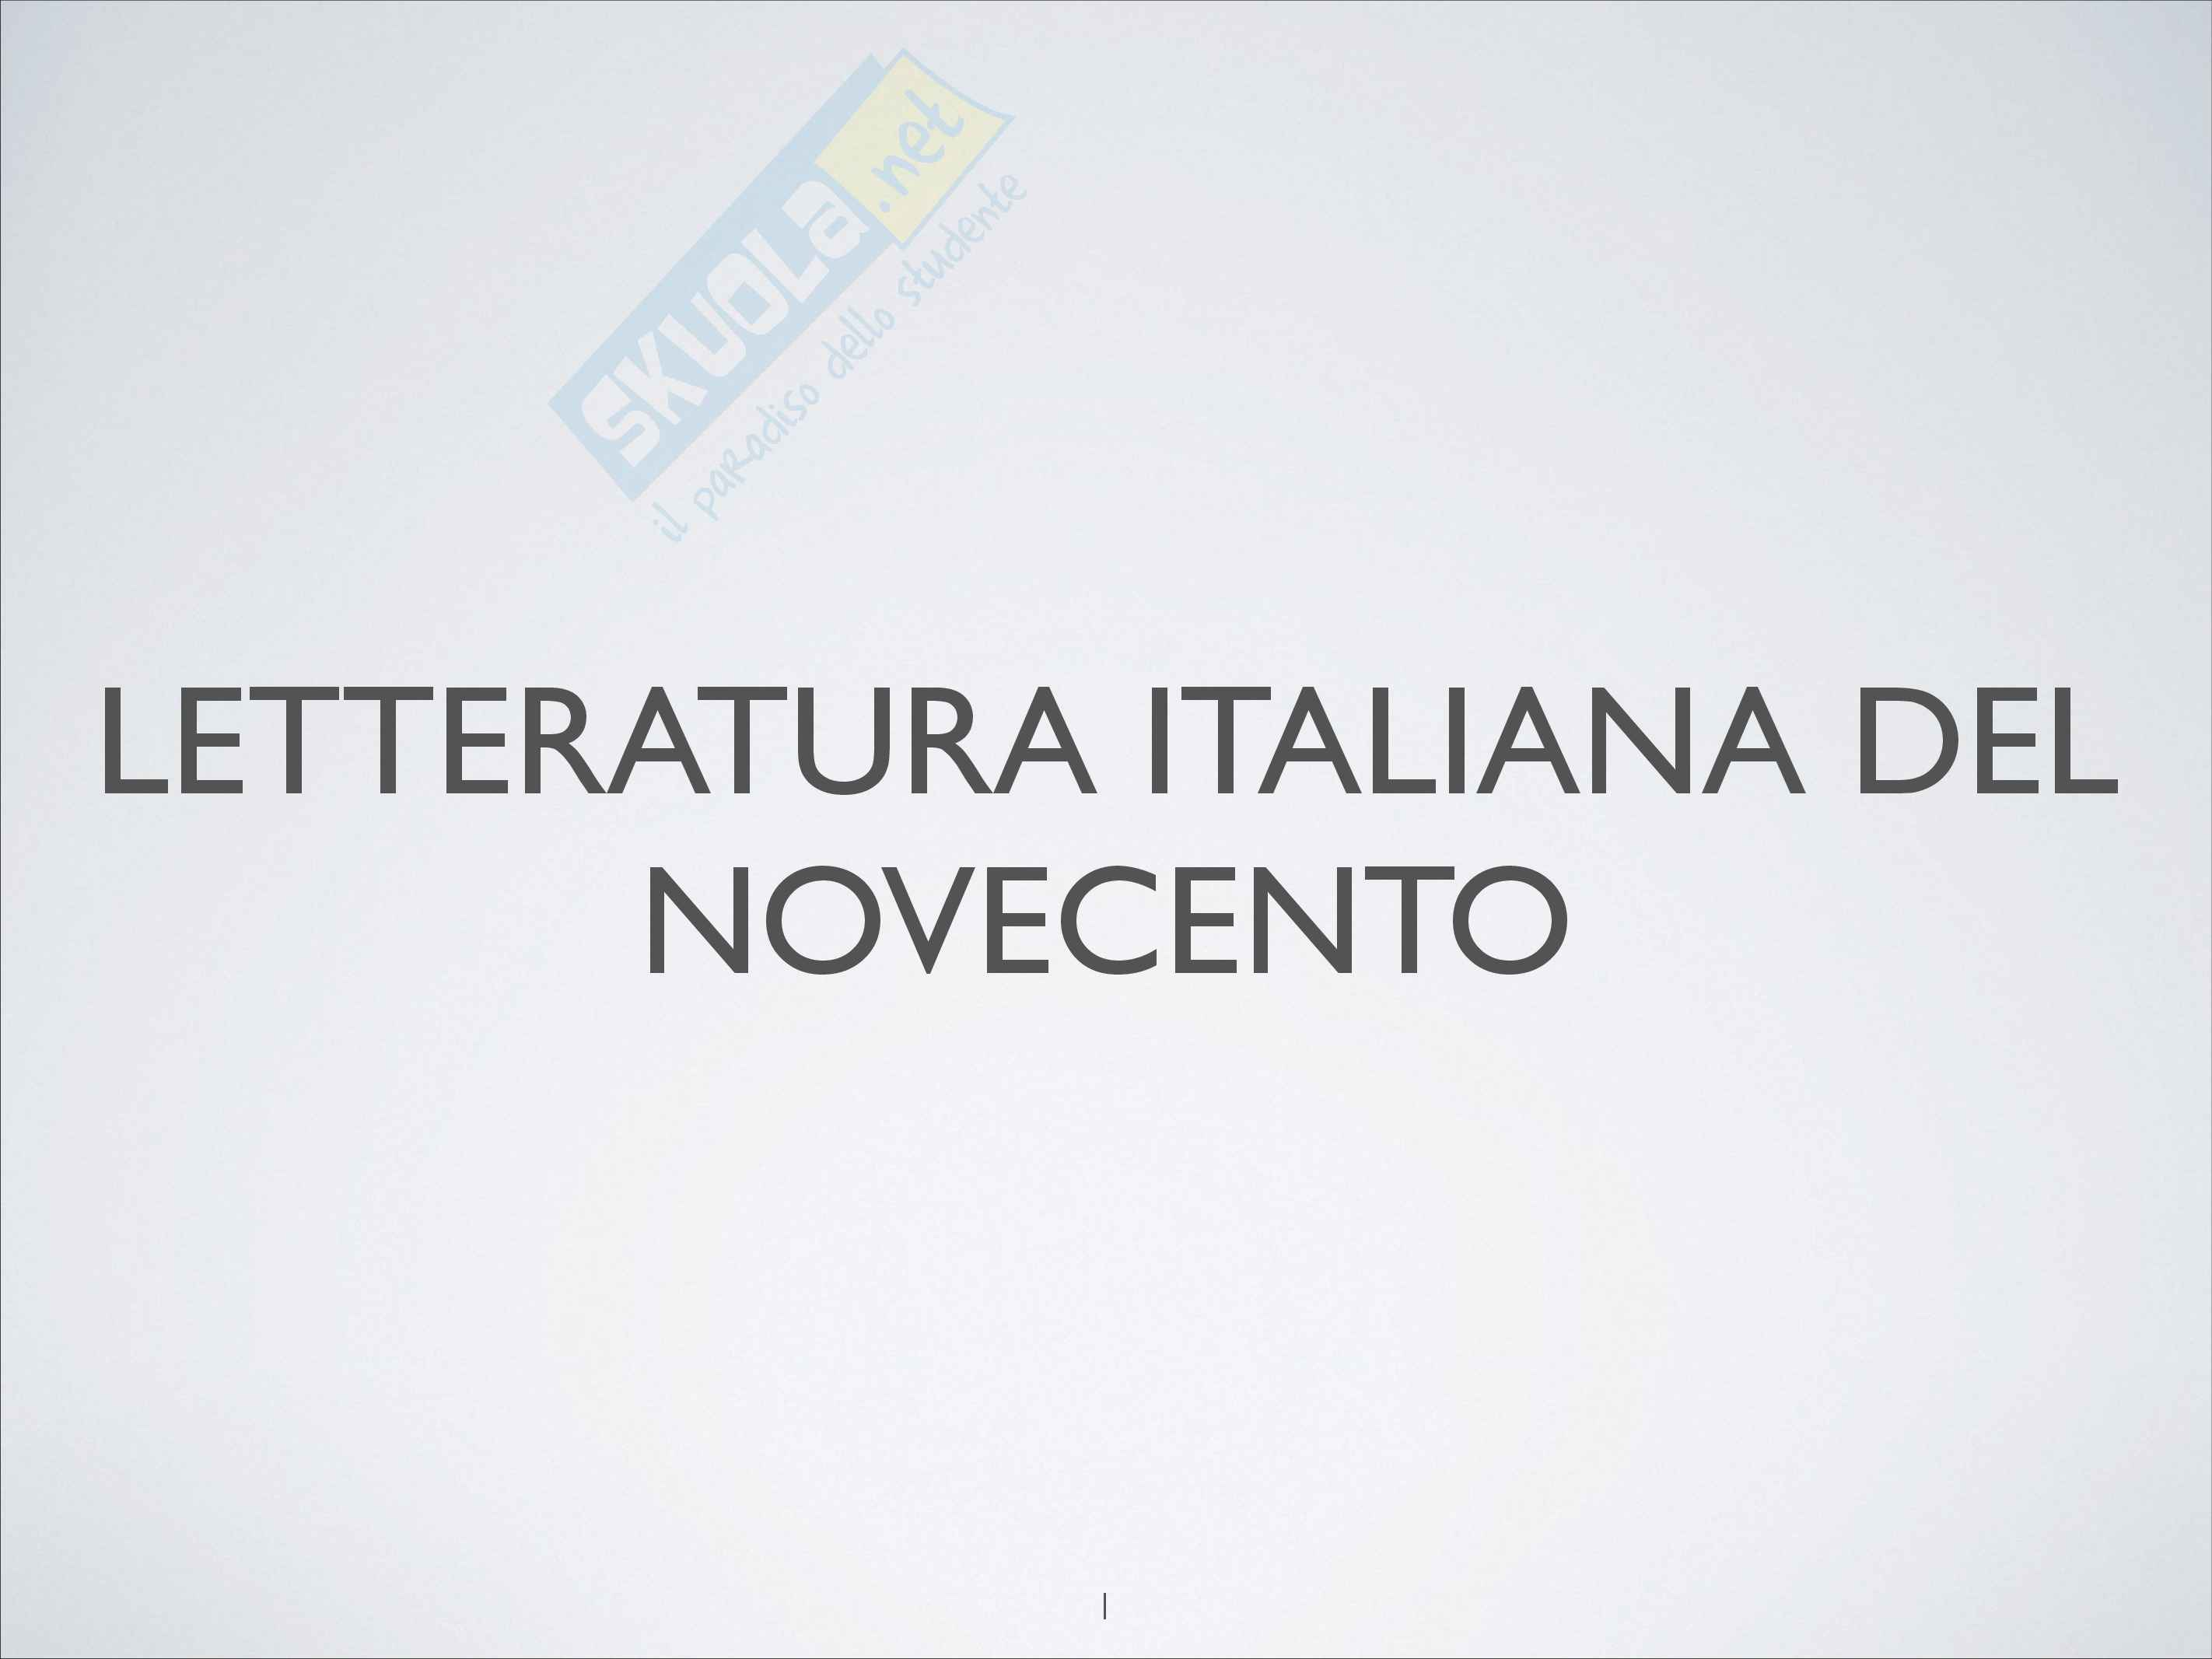 Riassunto esame Letteratura italiana contemporanea, prof. Tomasello